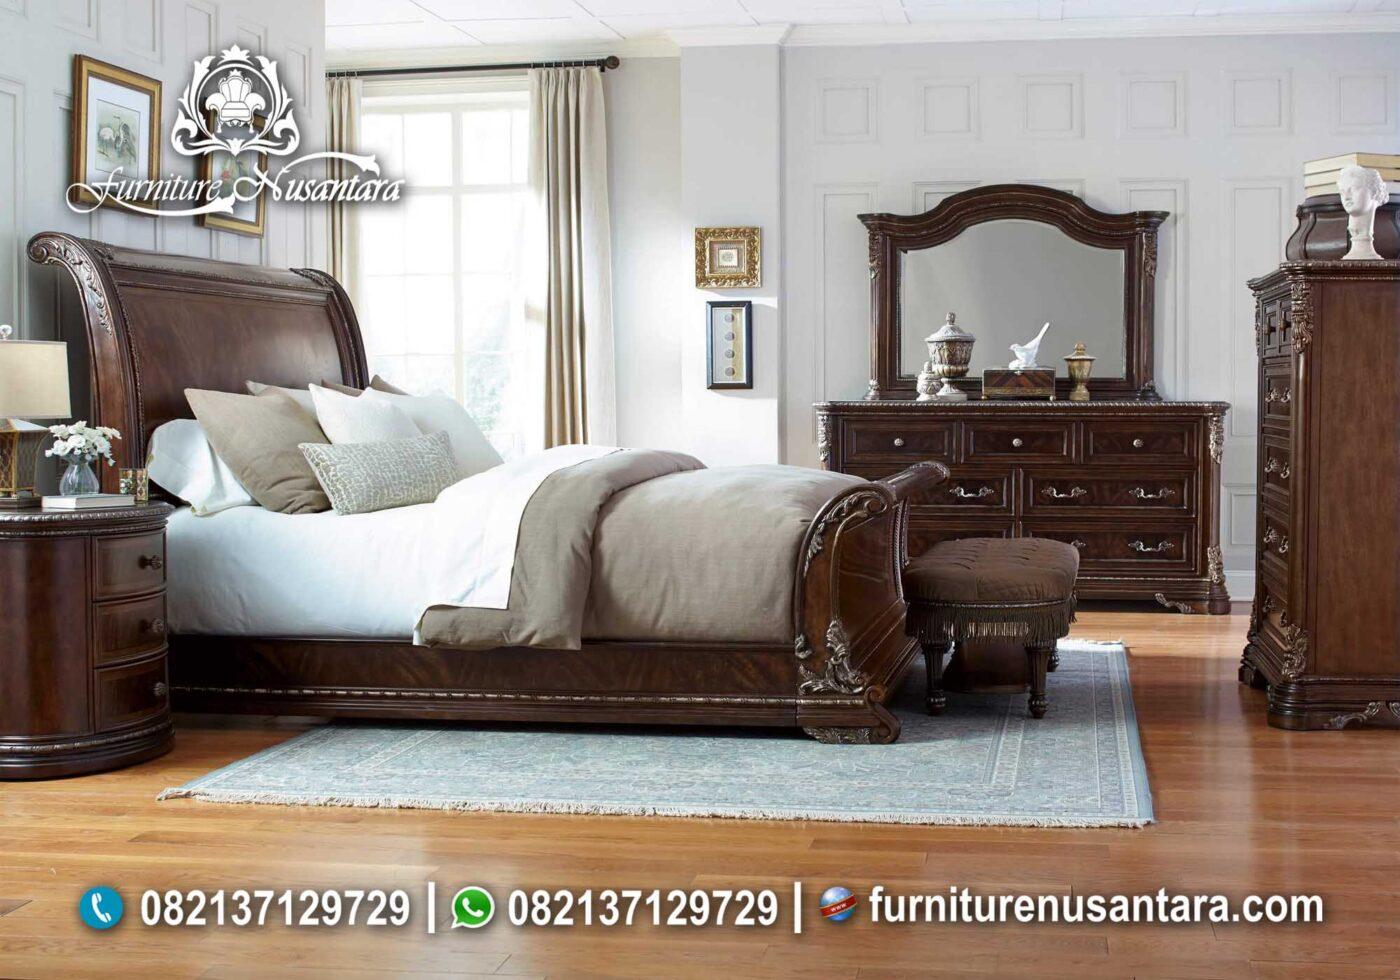 Kamar Set Kayu Jati Terbaru 2020 KS-16, Furniture Nusantara